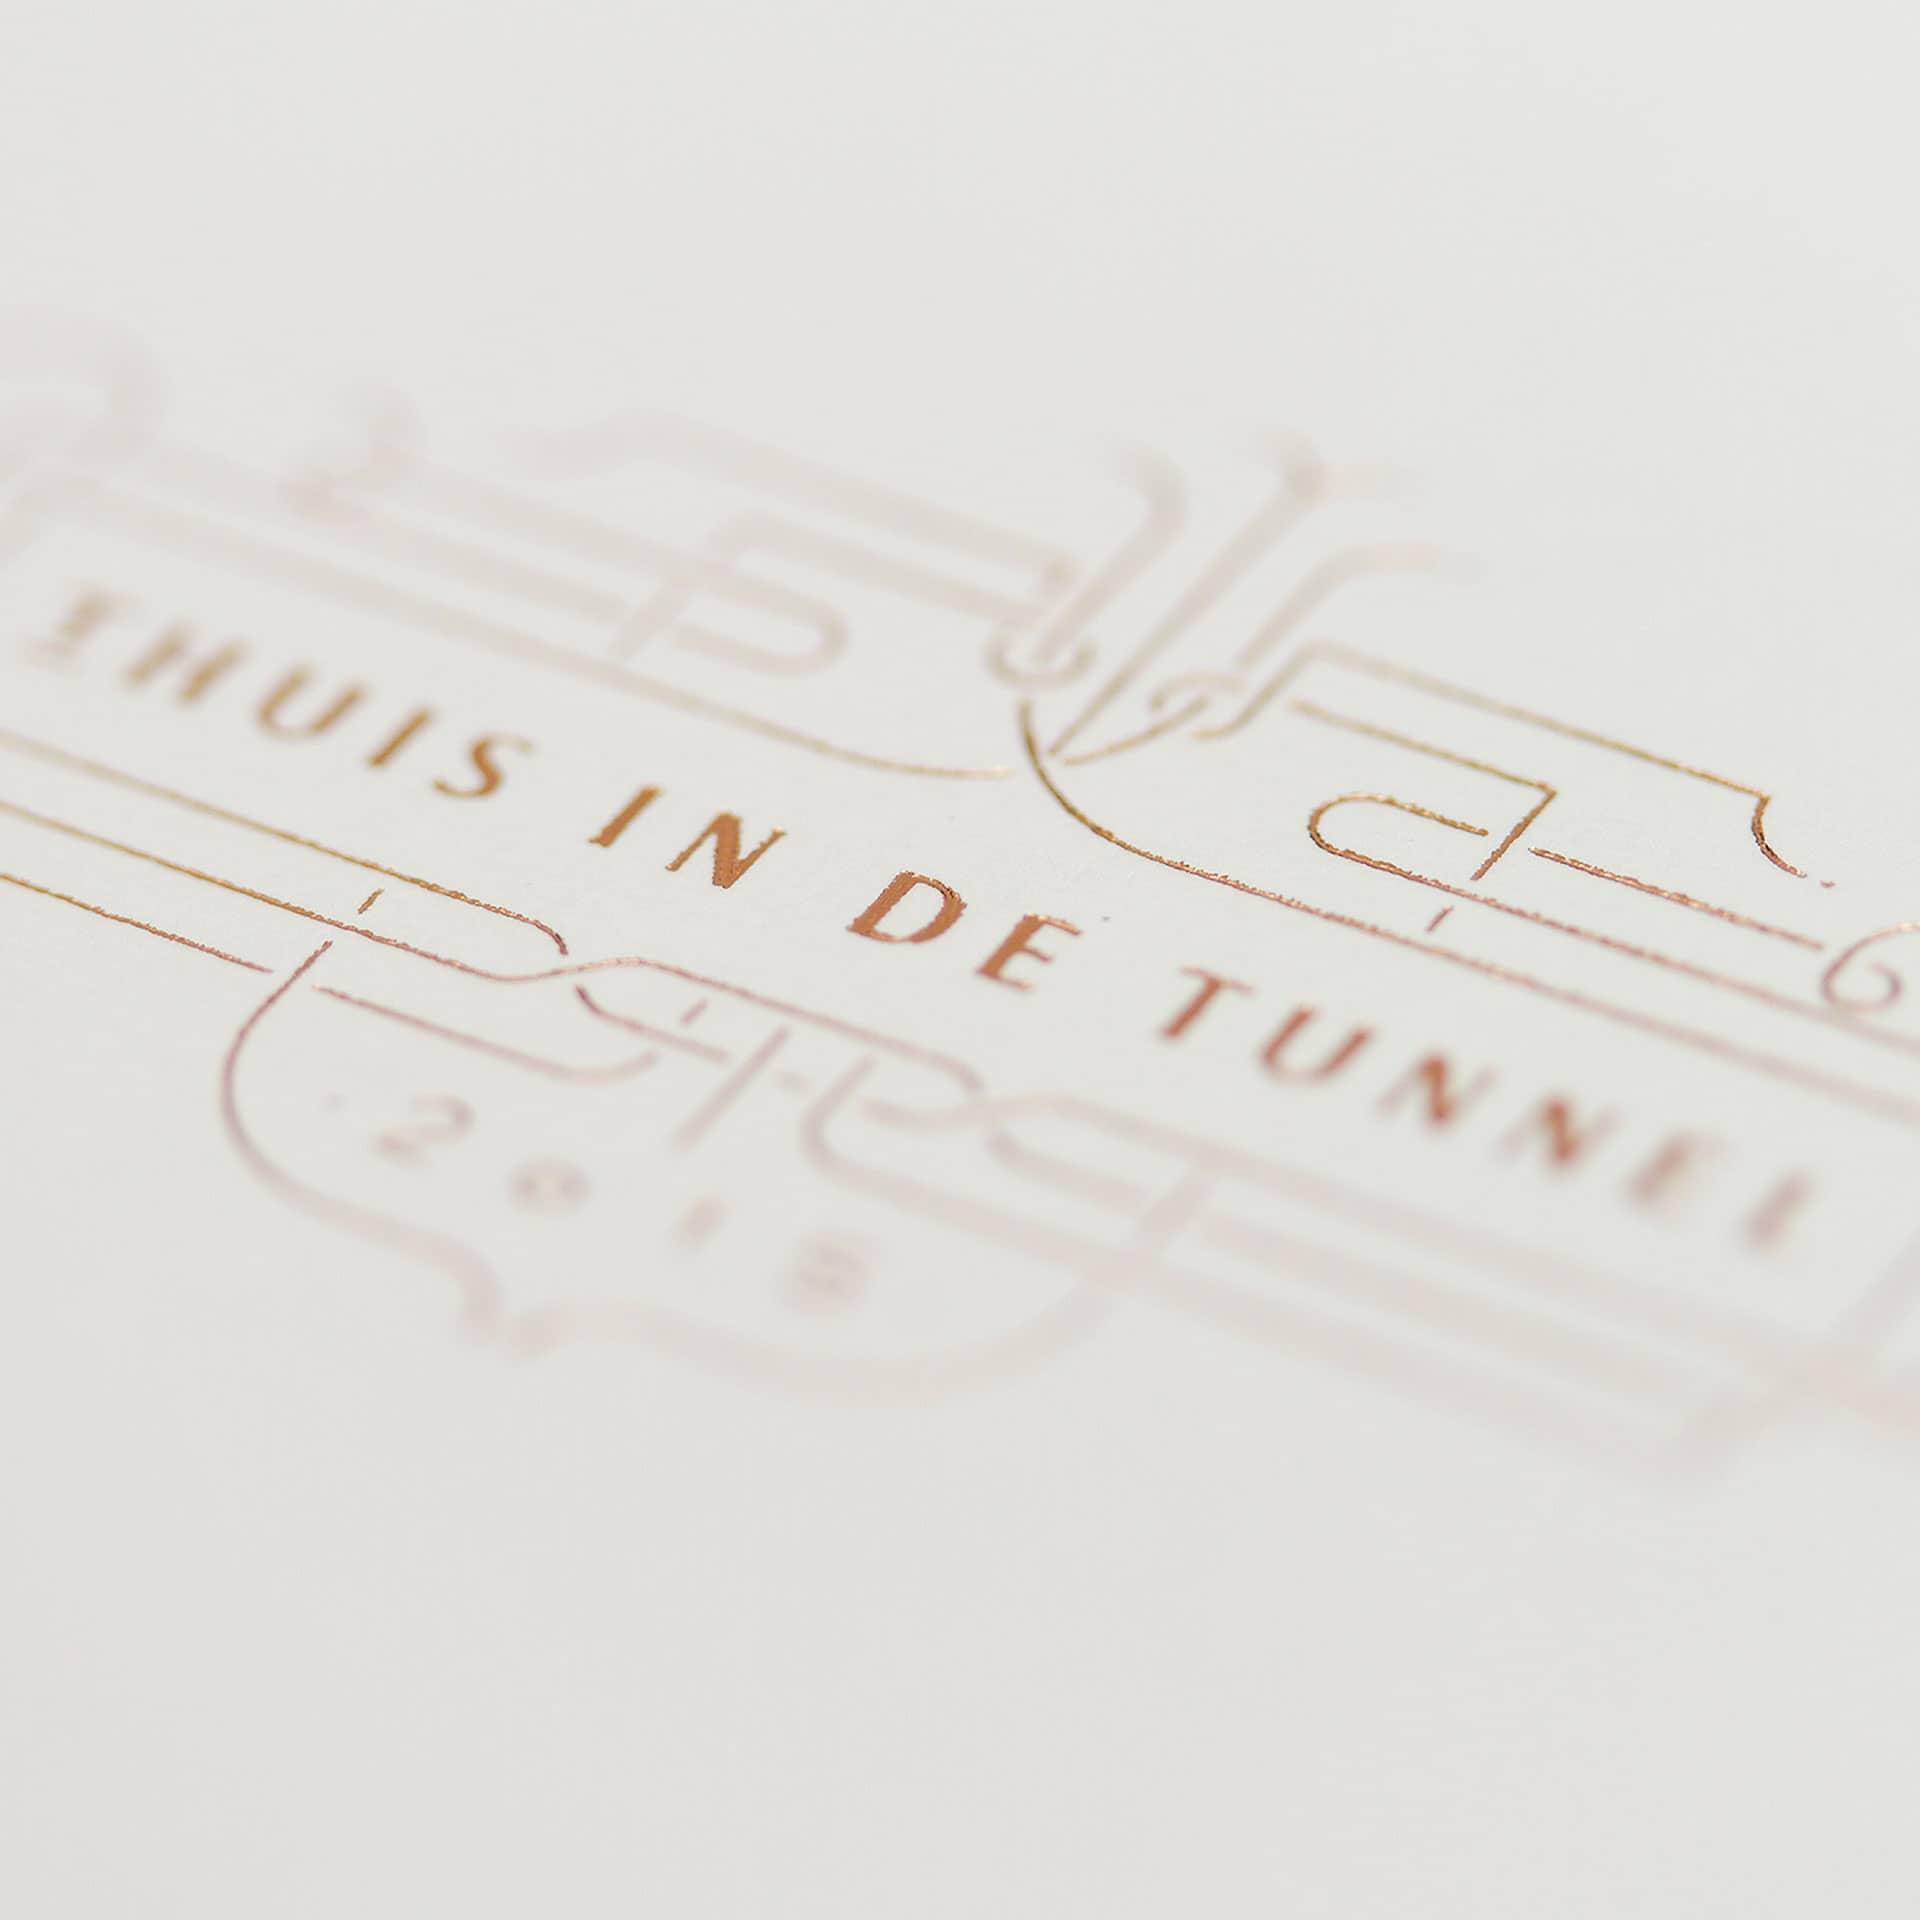 Uitnodiging met foliedruk voor het Gala-diner Thuis in de Tunnel ontworpen door Saus